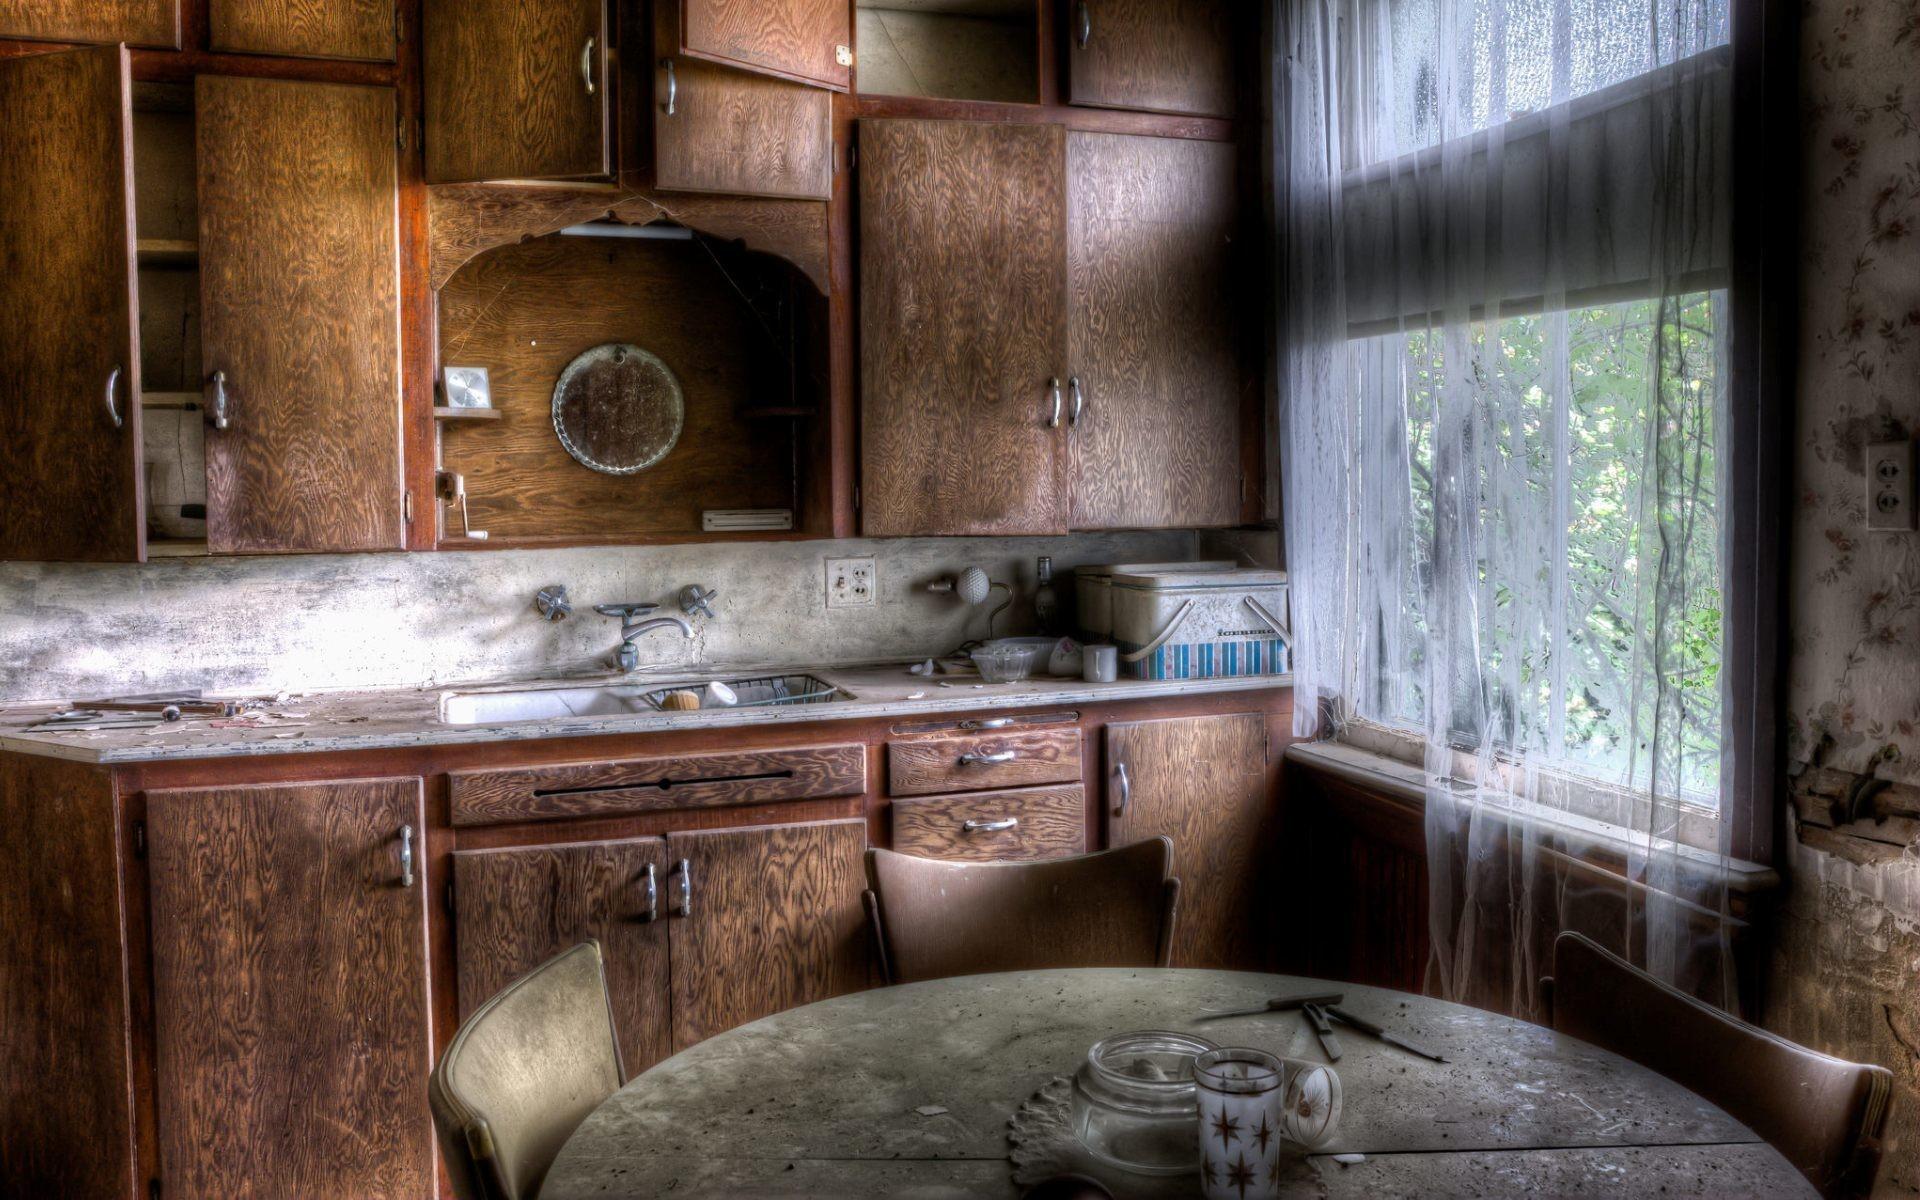 Tapety Pokój Wnętrze Ruina Drewno Dom Kuchnia Stary